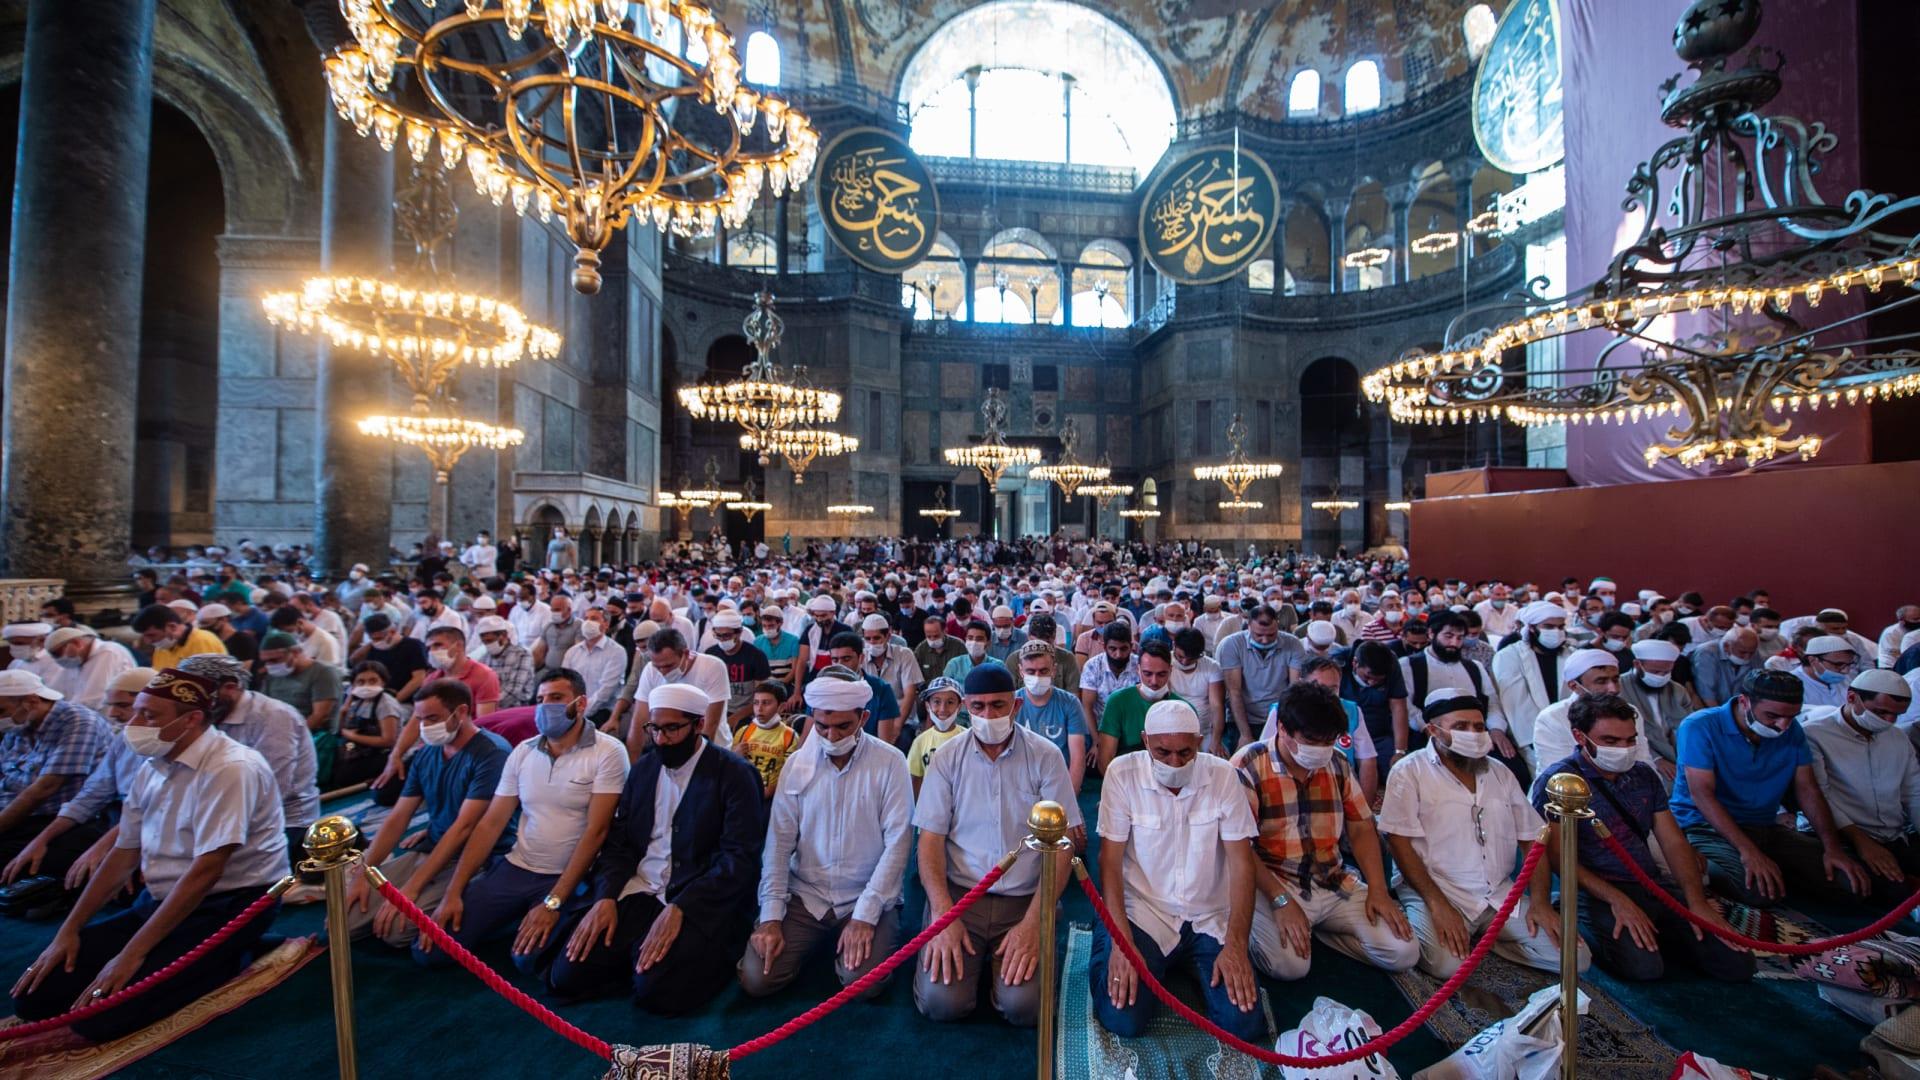 لحظات وصول أردوغان إلى آيا صوفيا لأداء أولى صلوات الجمعة بعد تحويله إلى مسجد